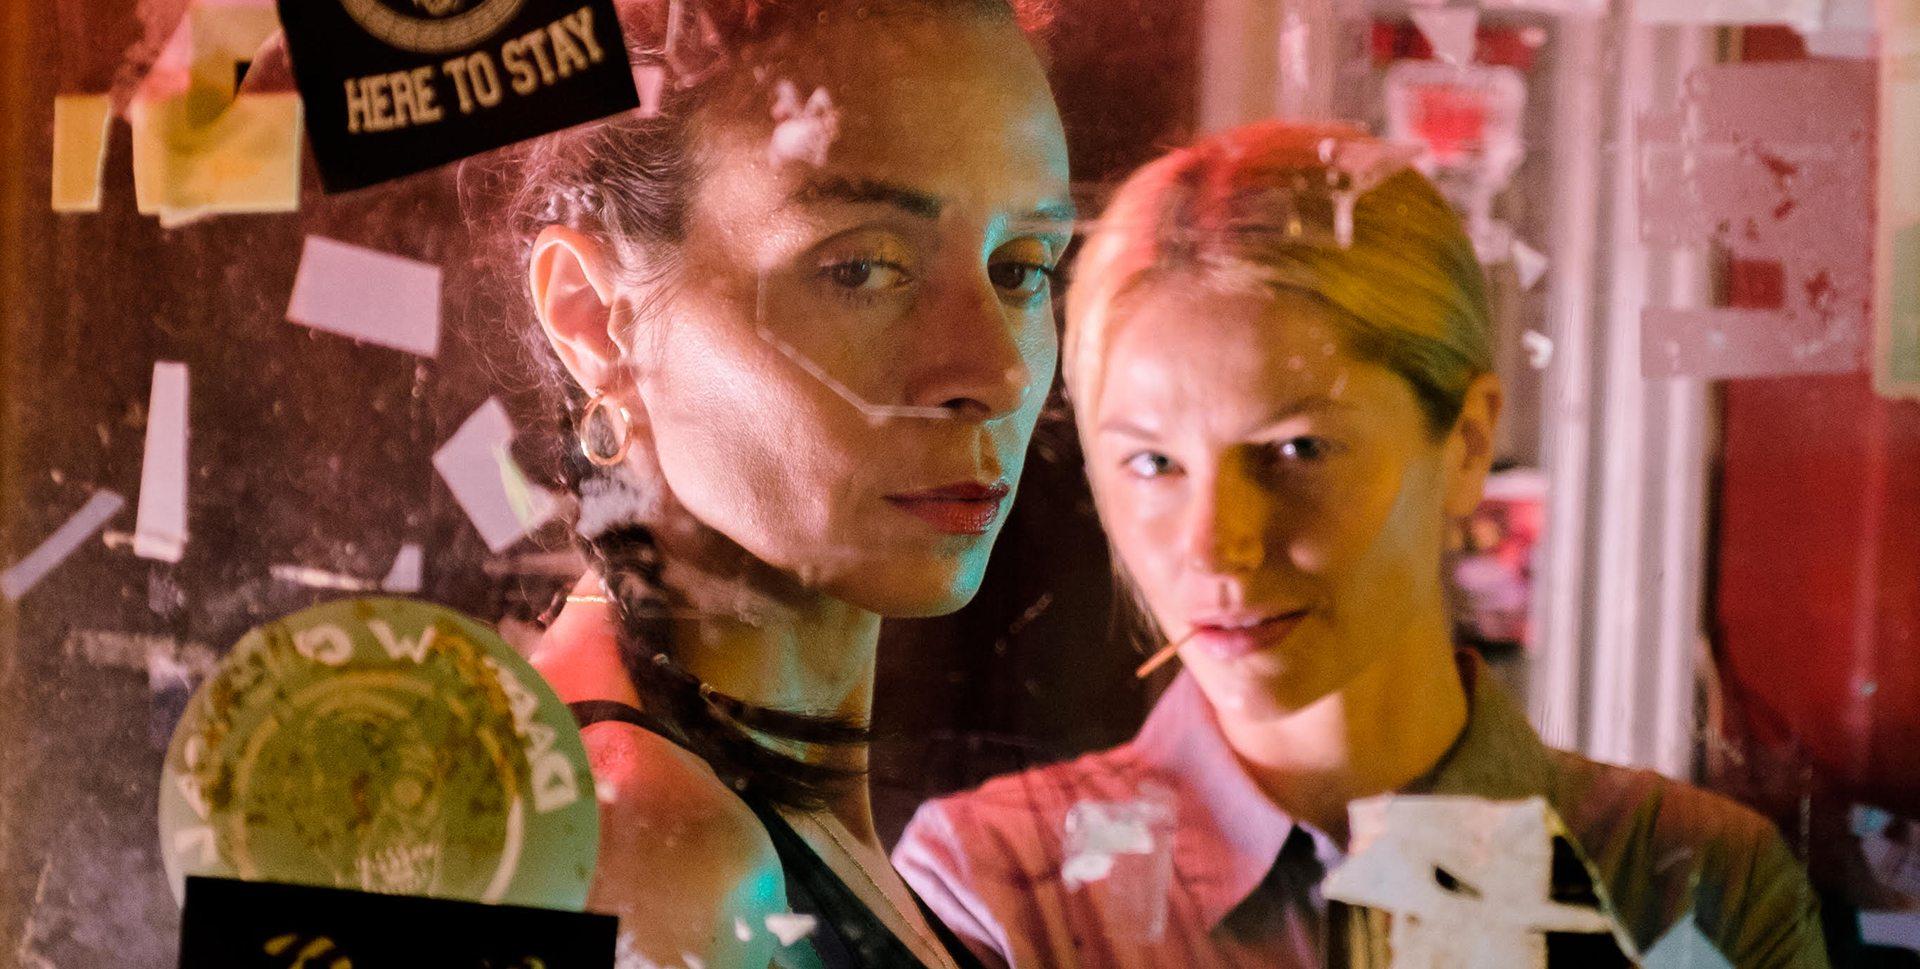 http://mdfilmfest.com/wp-content/uploads/JackandJill_web.jpg